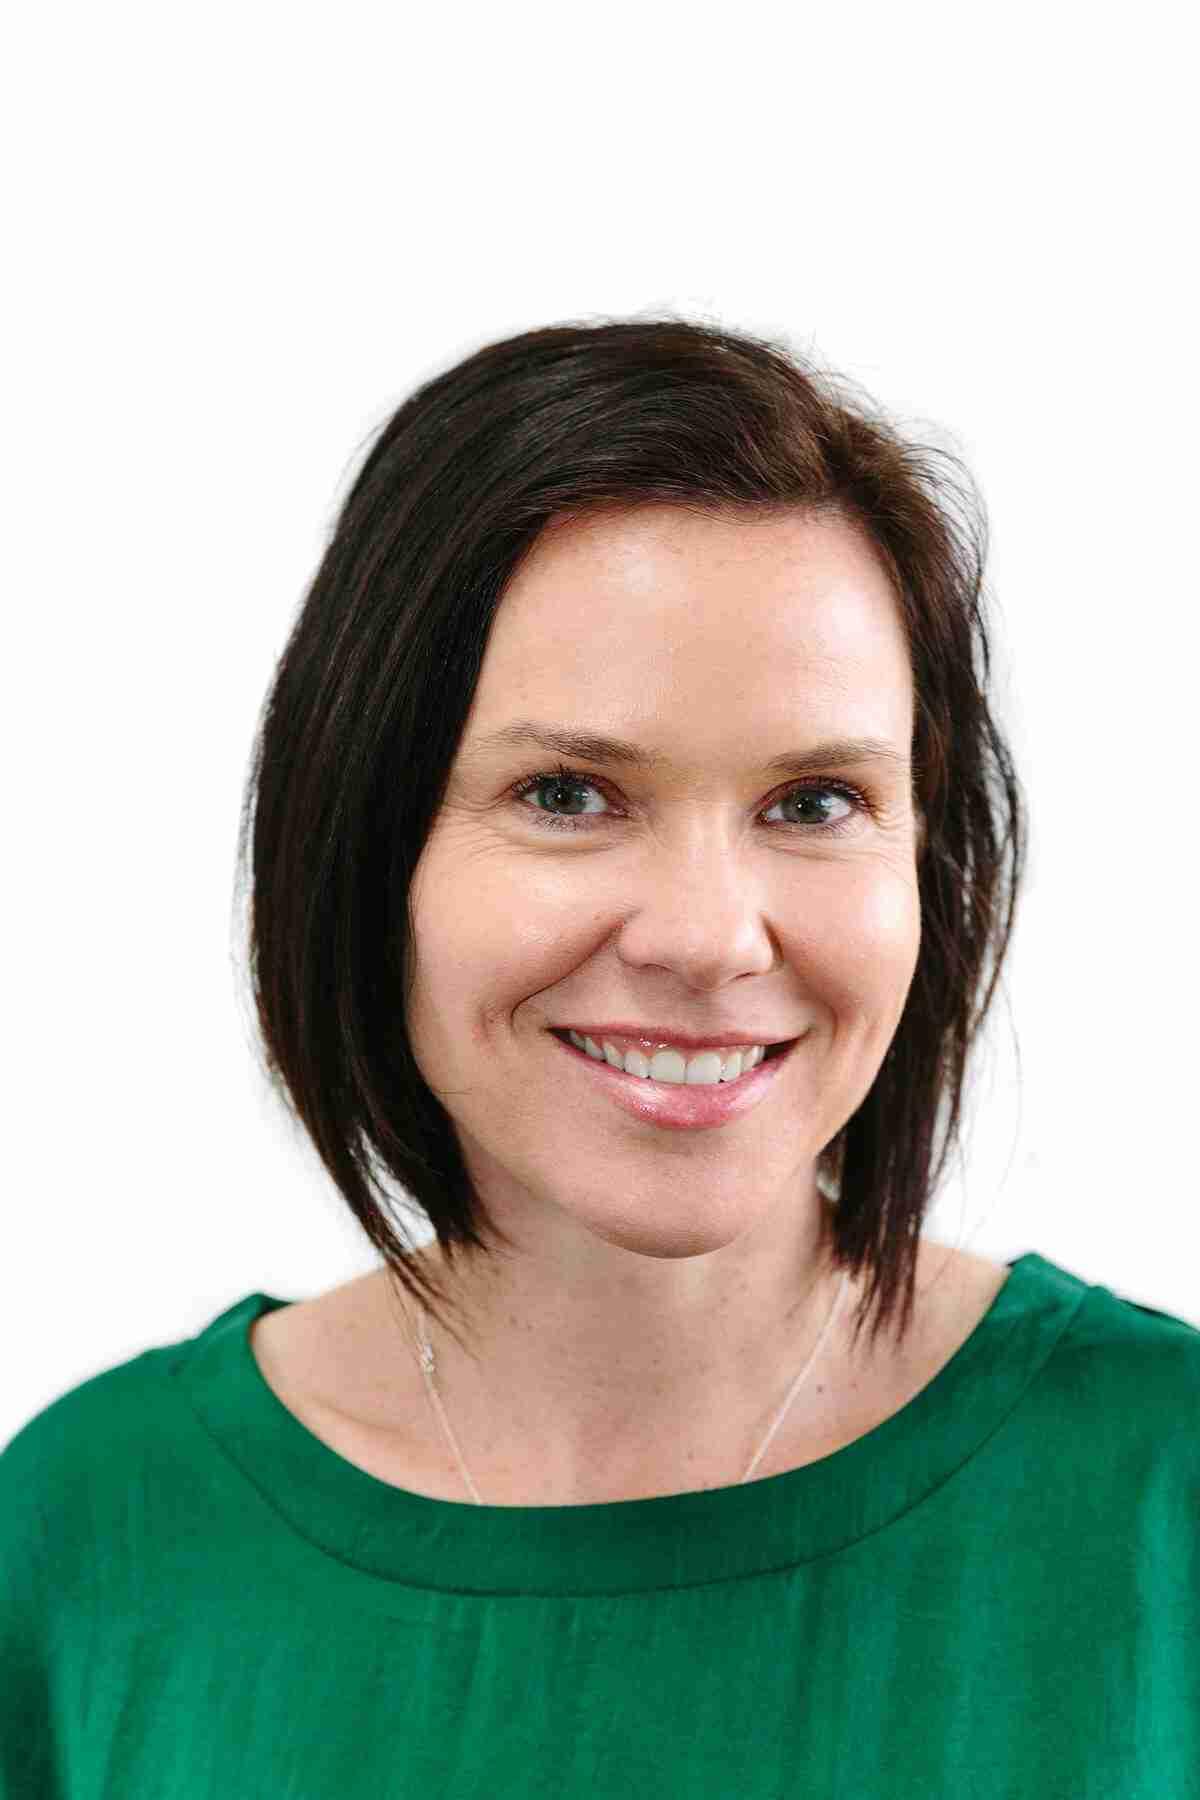 Katrina Hartney